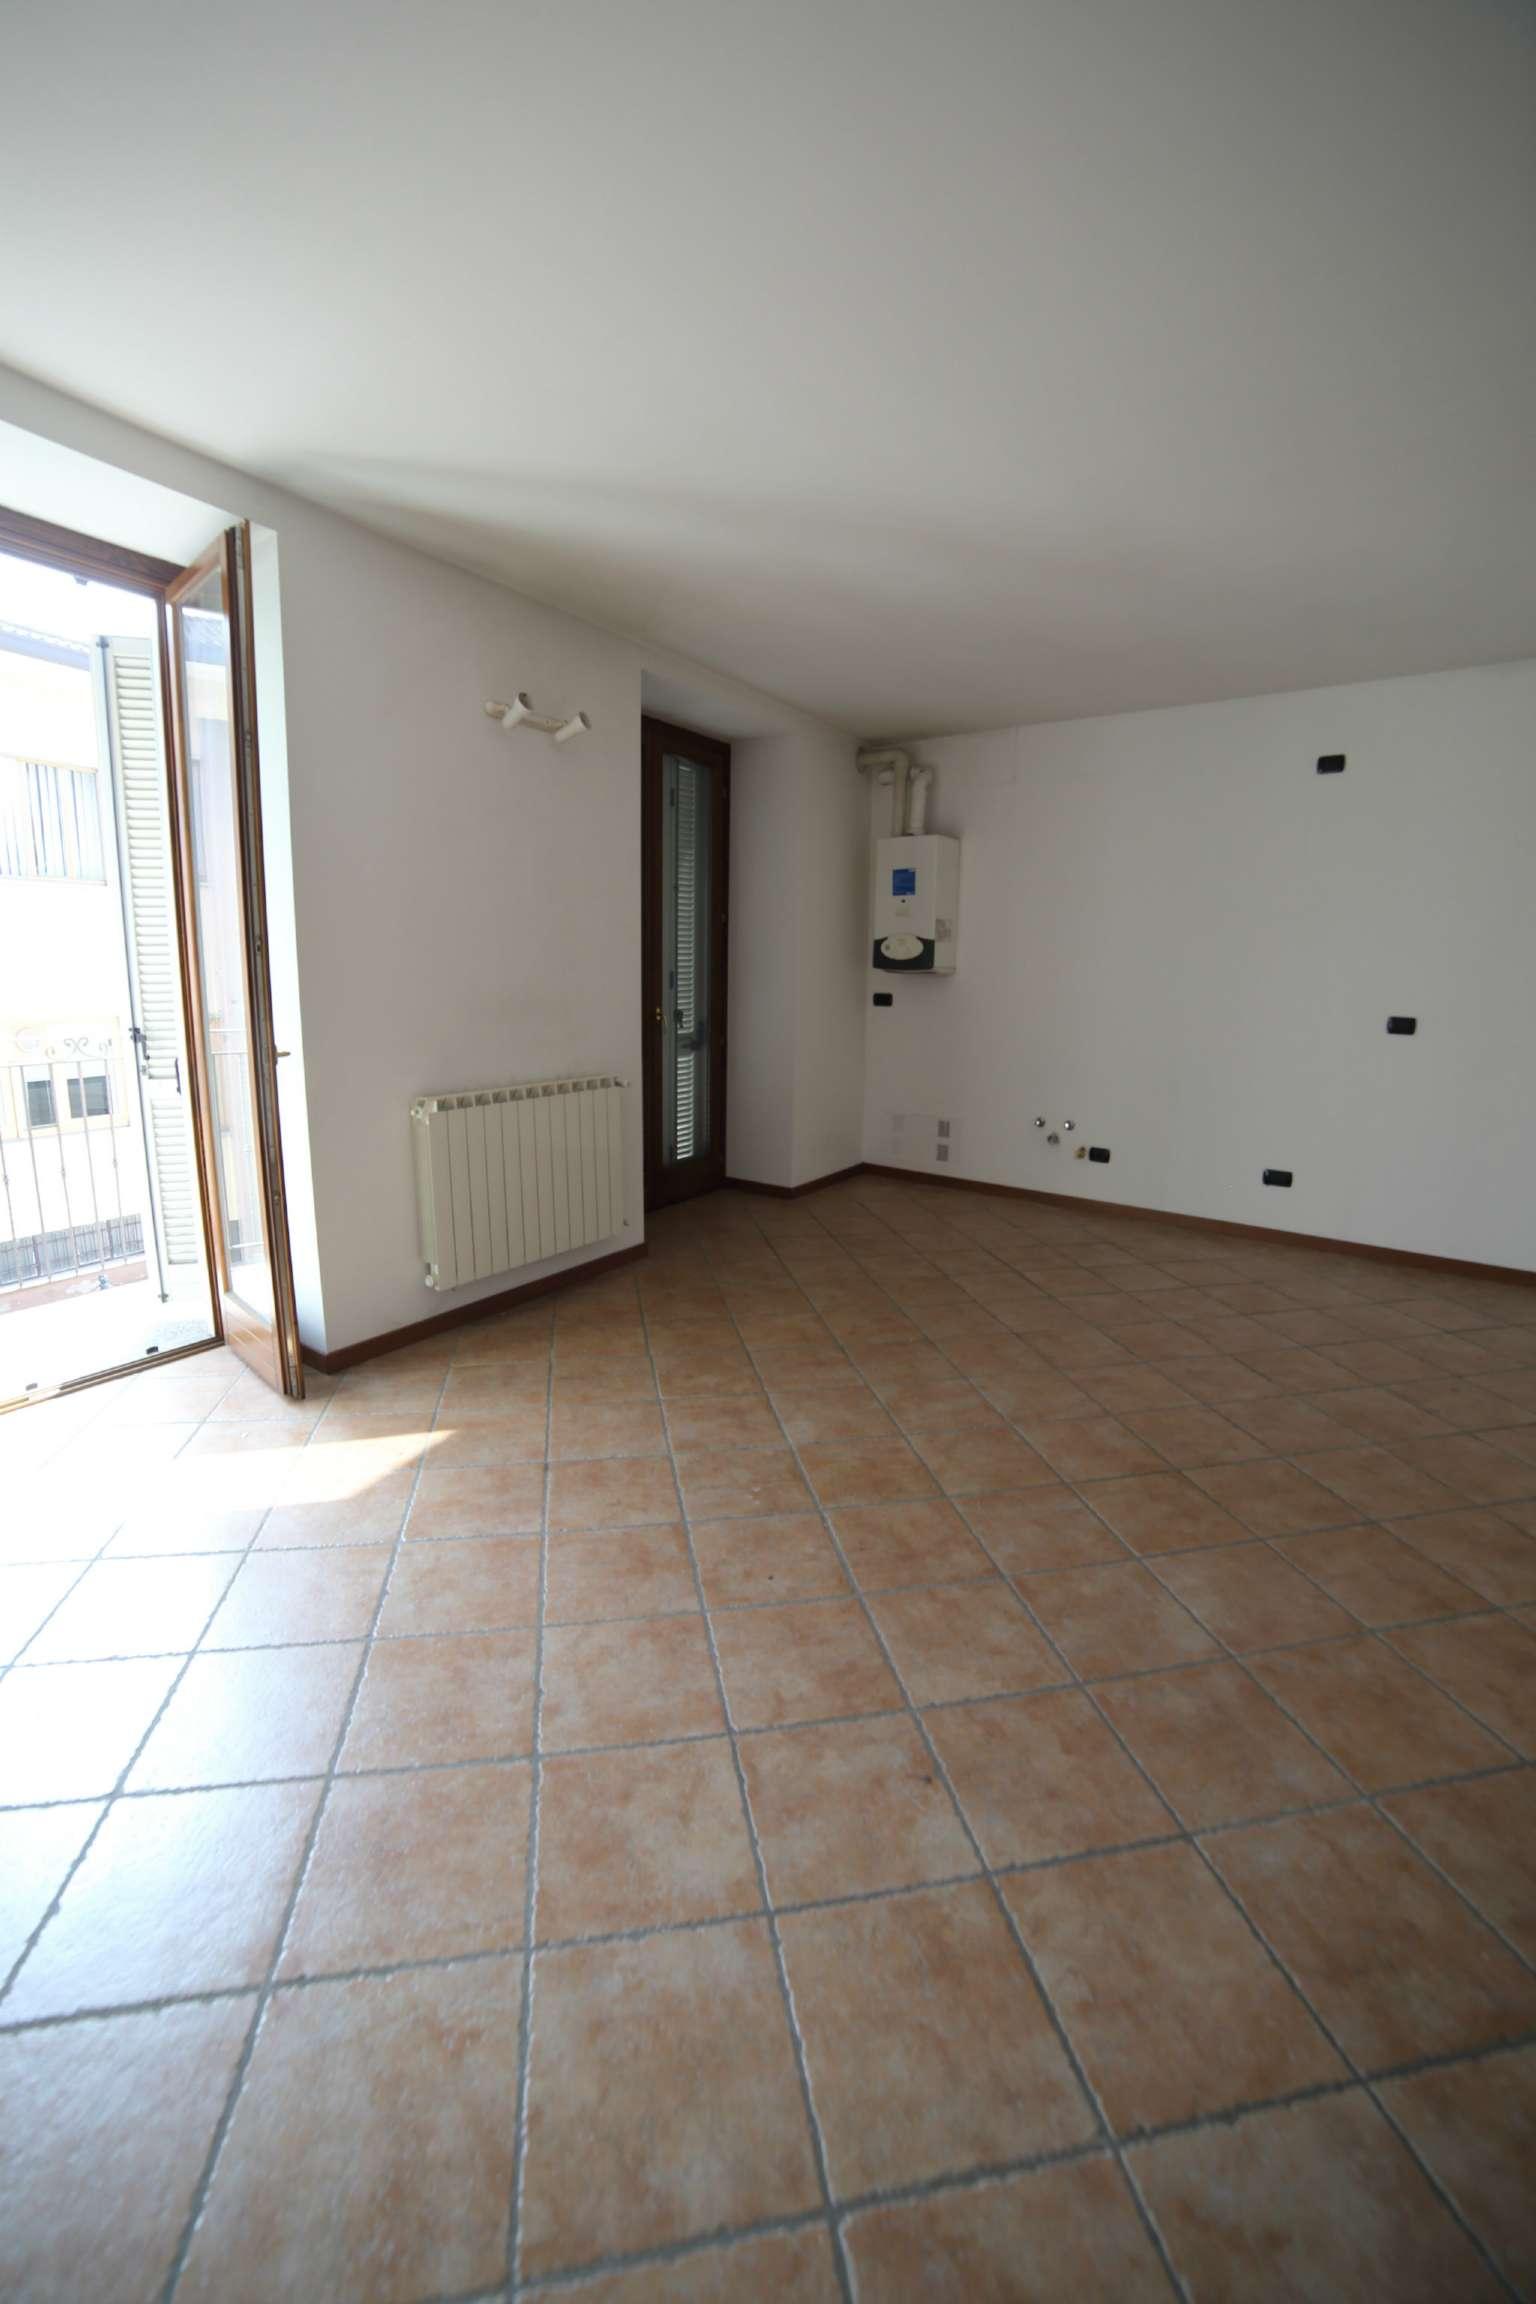 Appartamento in vendita a Besano, 2 locali, prezzo € 100.000   Cambio Casa.it